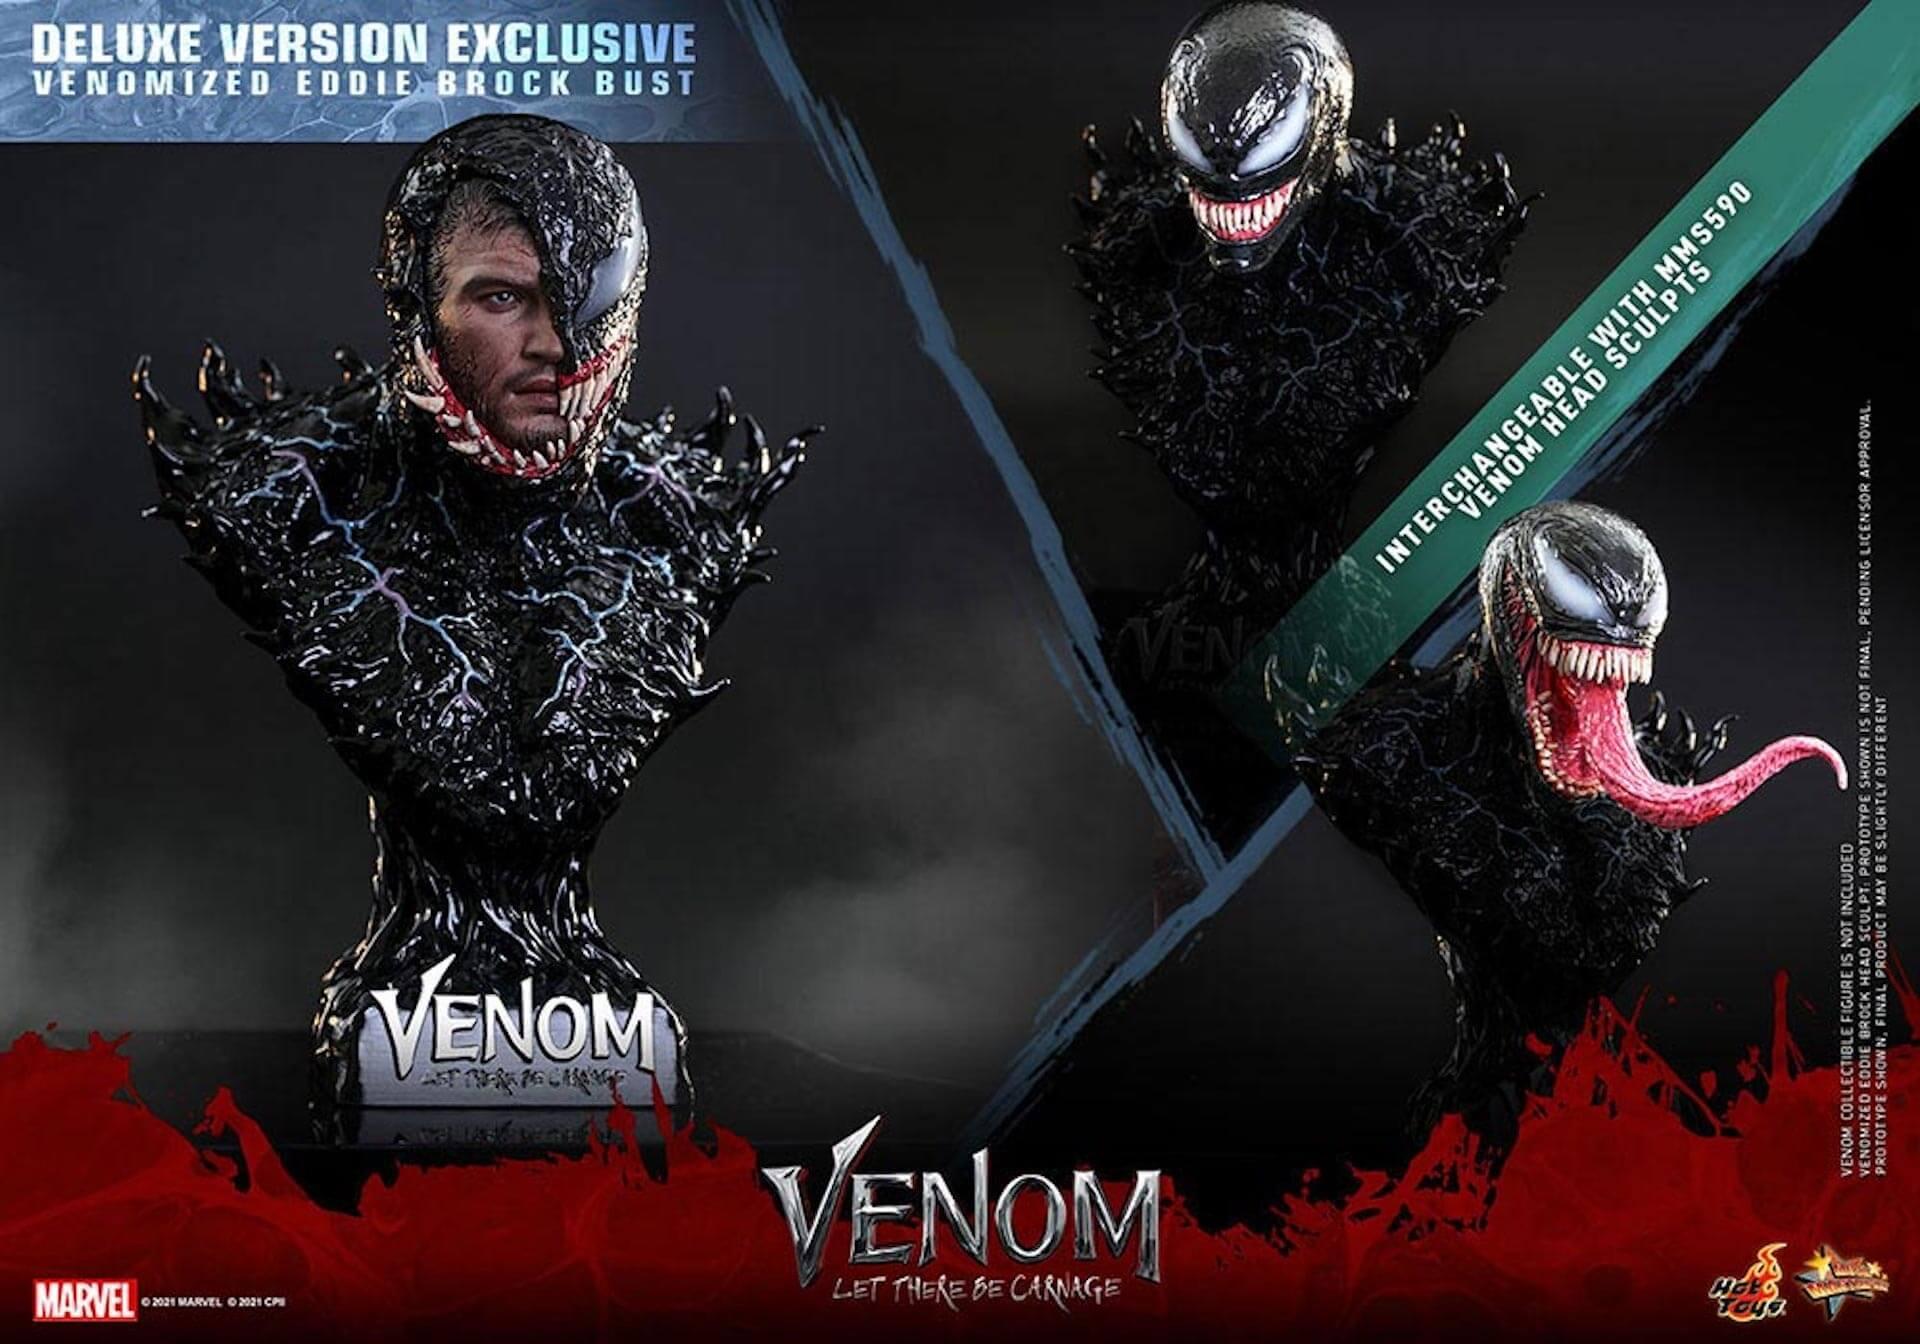 全米大ヒット中の『ヴェノム:レット・ゼア・ビー・カーネイジ』カーネイジがホットトイズでフィギュア化! art211007_venom_carnage_hottoys_5